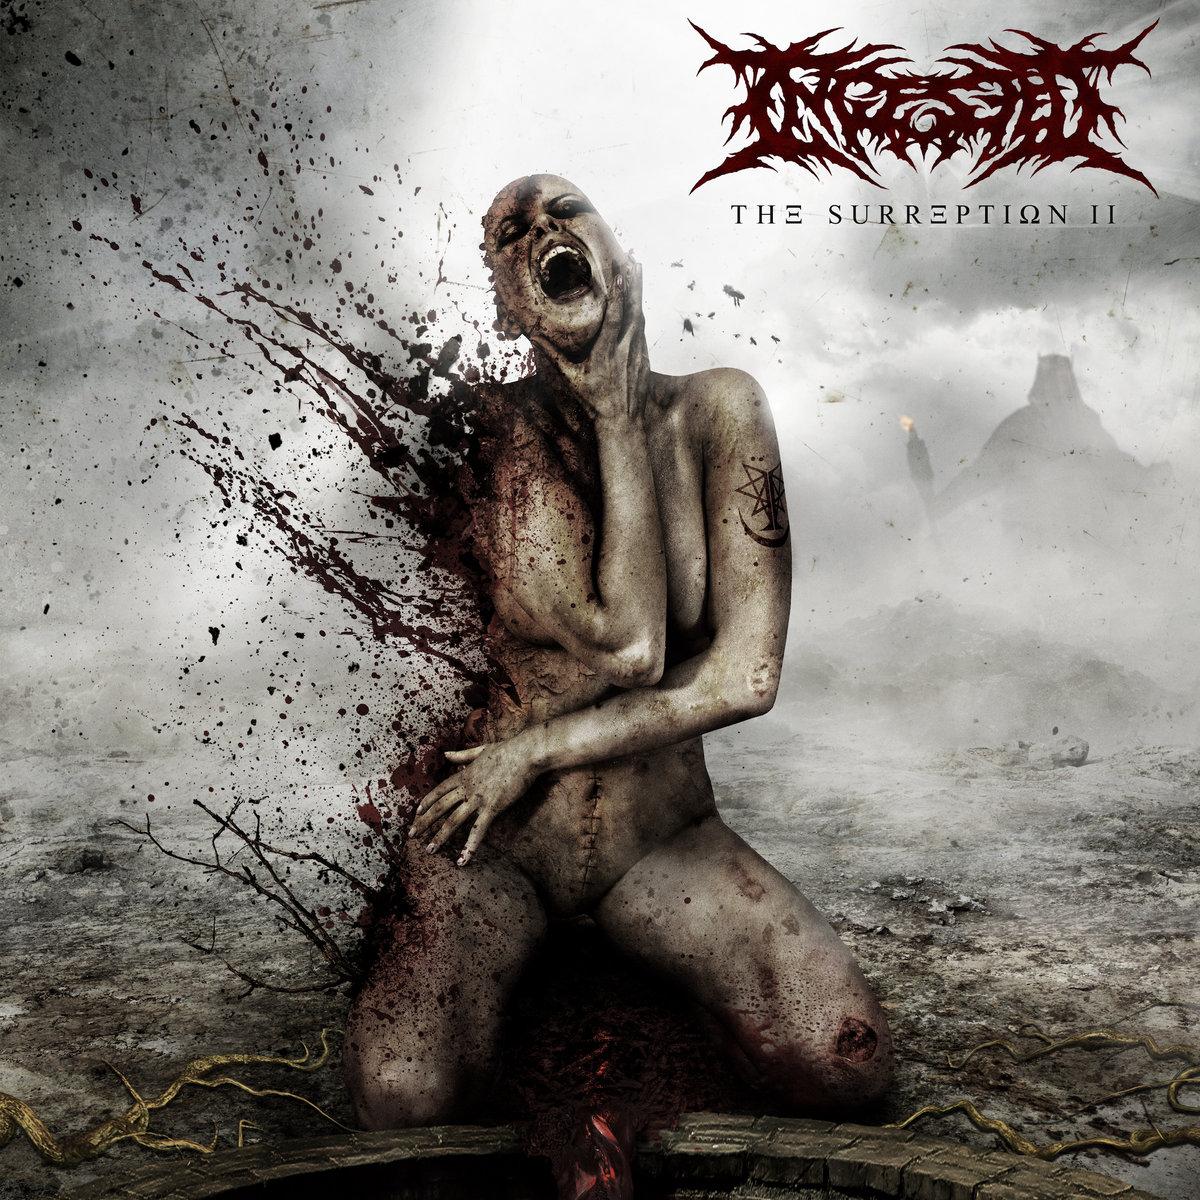 Ingested annonce la réédition de The Surreption II et publie le clip vidéo de Manifesting Obscenity !